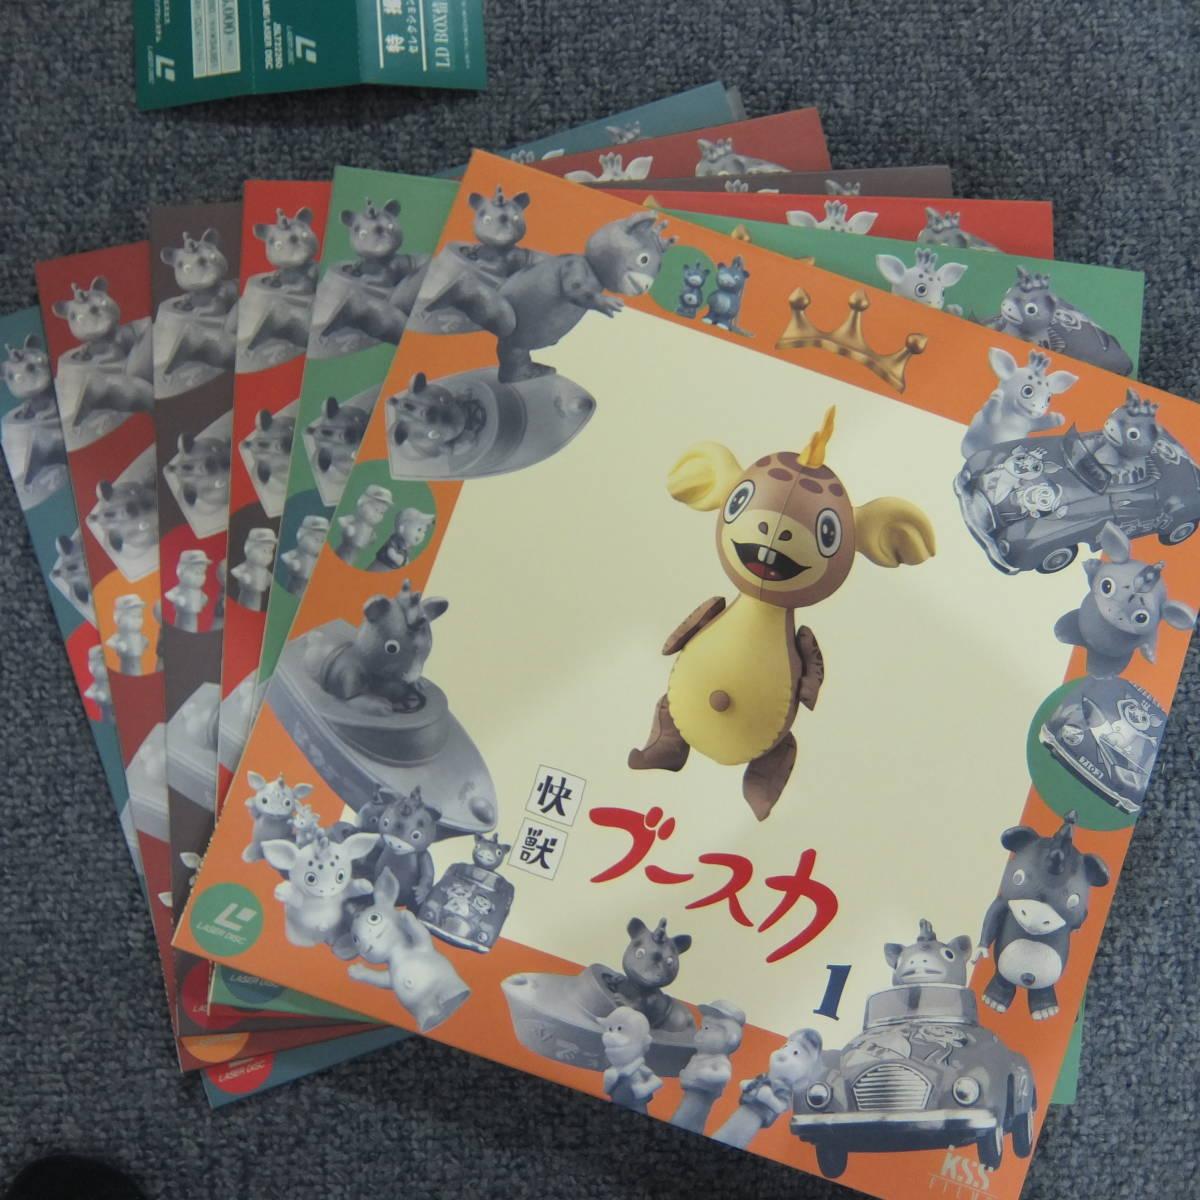 【 LD / レーザーディスク 】 快獣ブースカ  LD-BOX  「チャメゴン誕生の巻」 円谷プロ30周年記念_画像4